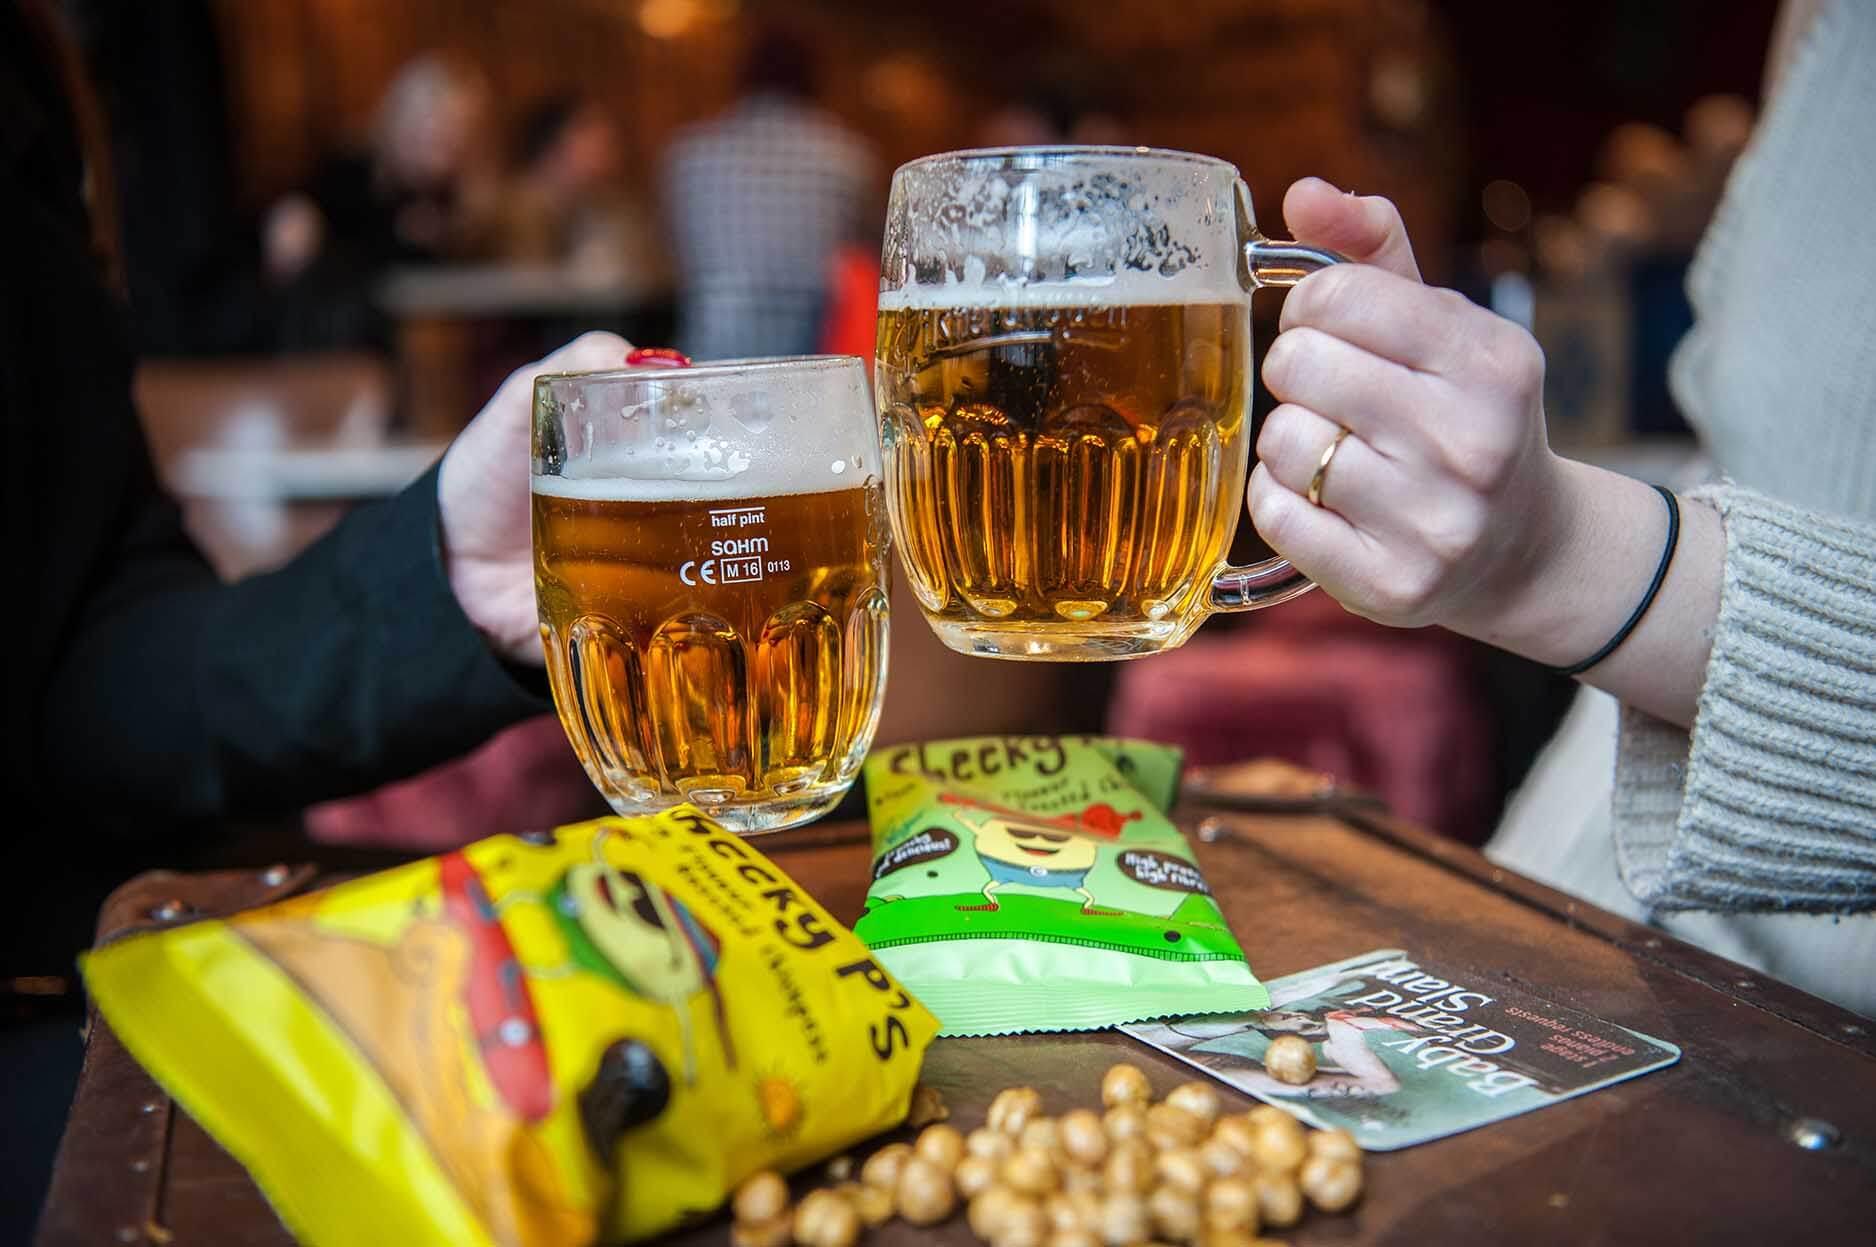 Office Pantry Cheeky Ps craft beer.jpg